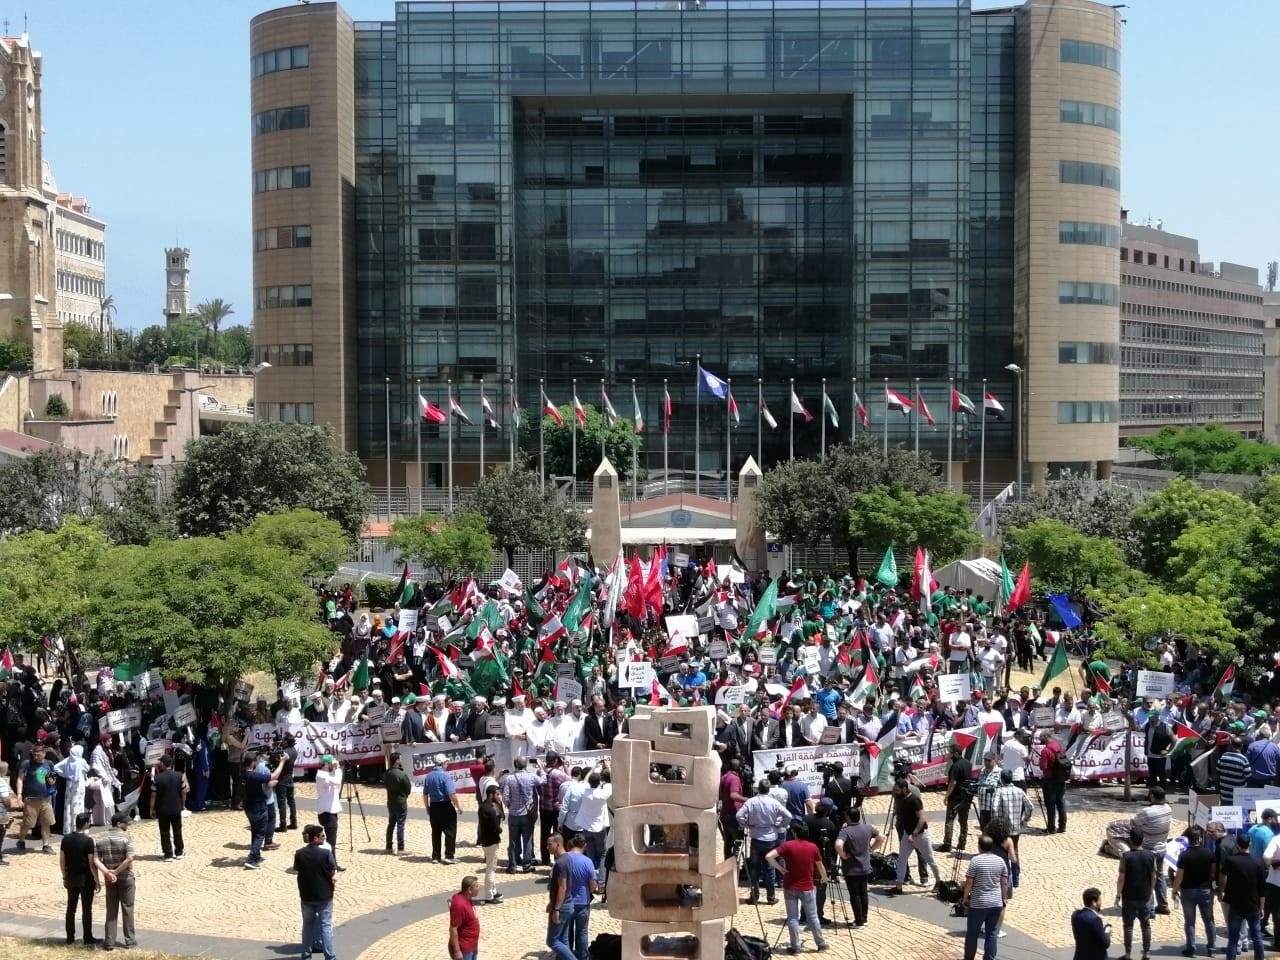 اعتصام في بيروت رافض لصفقة القرن ومؤتمر البحرين1